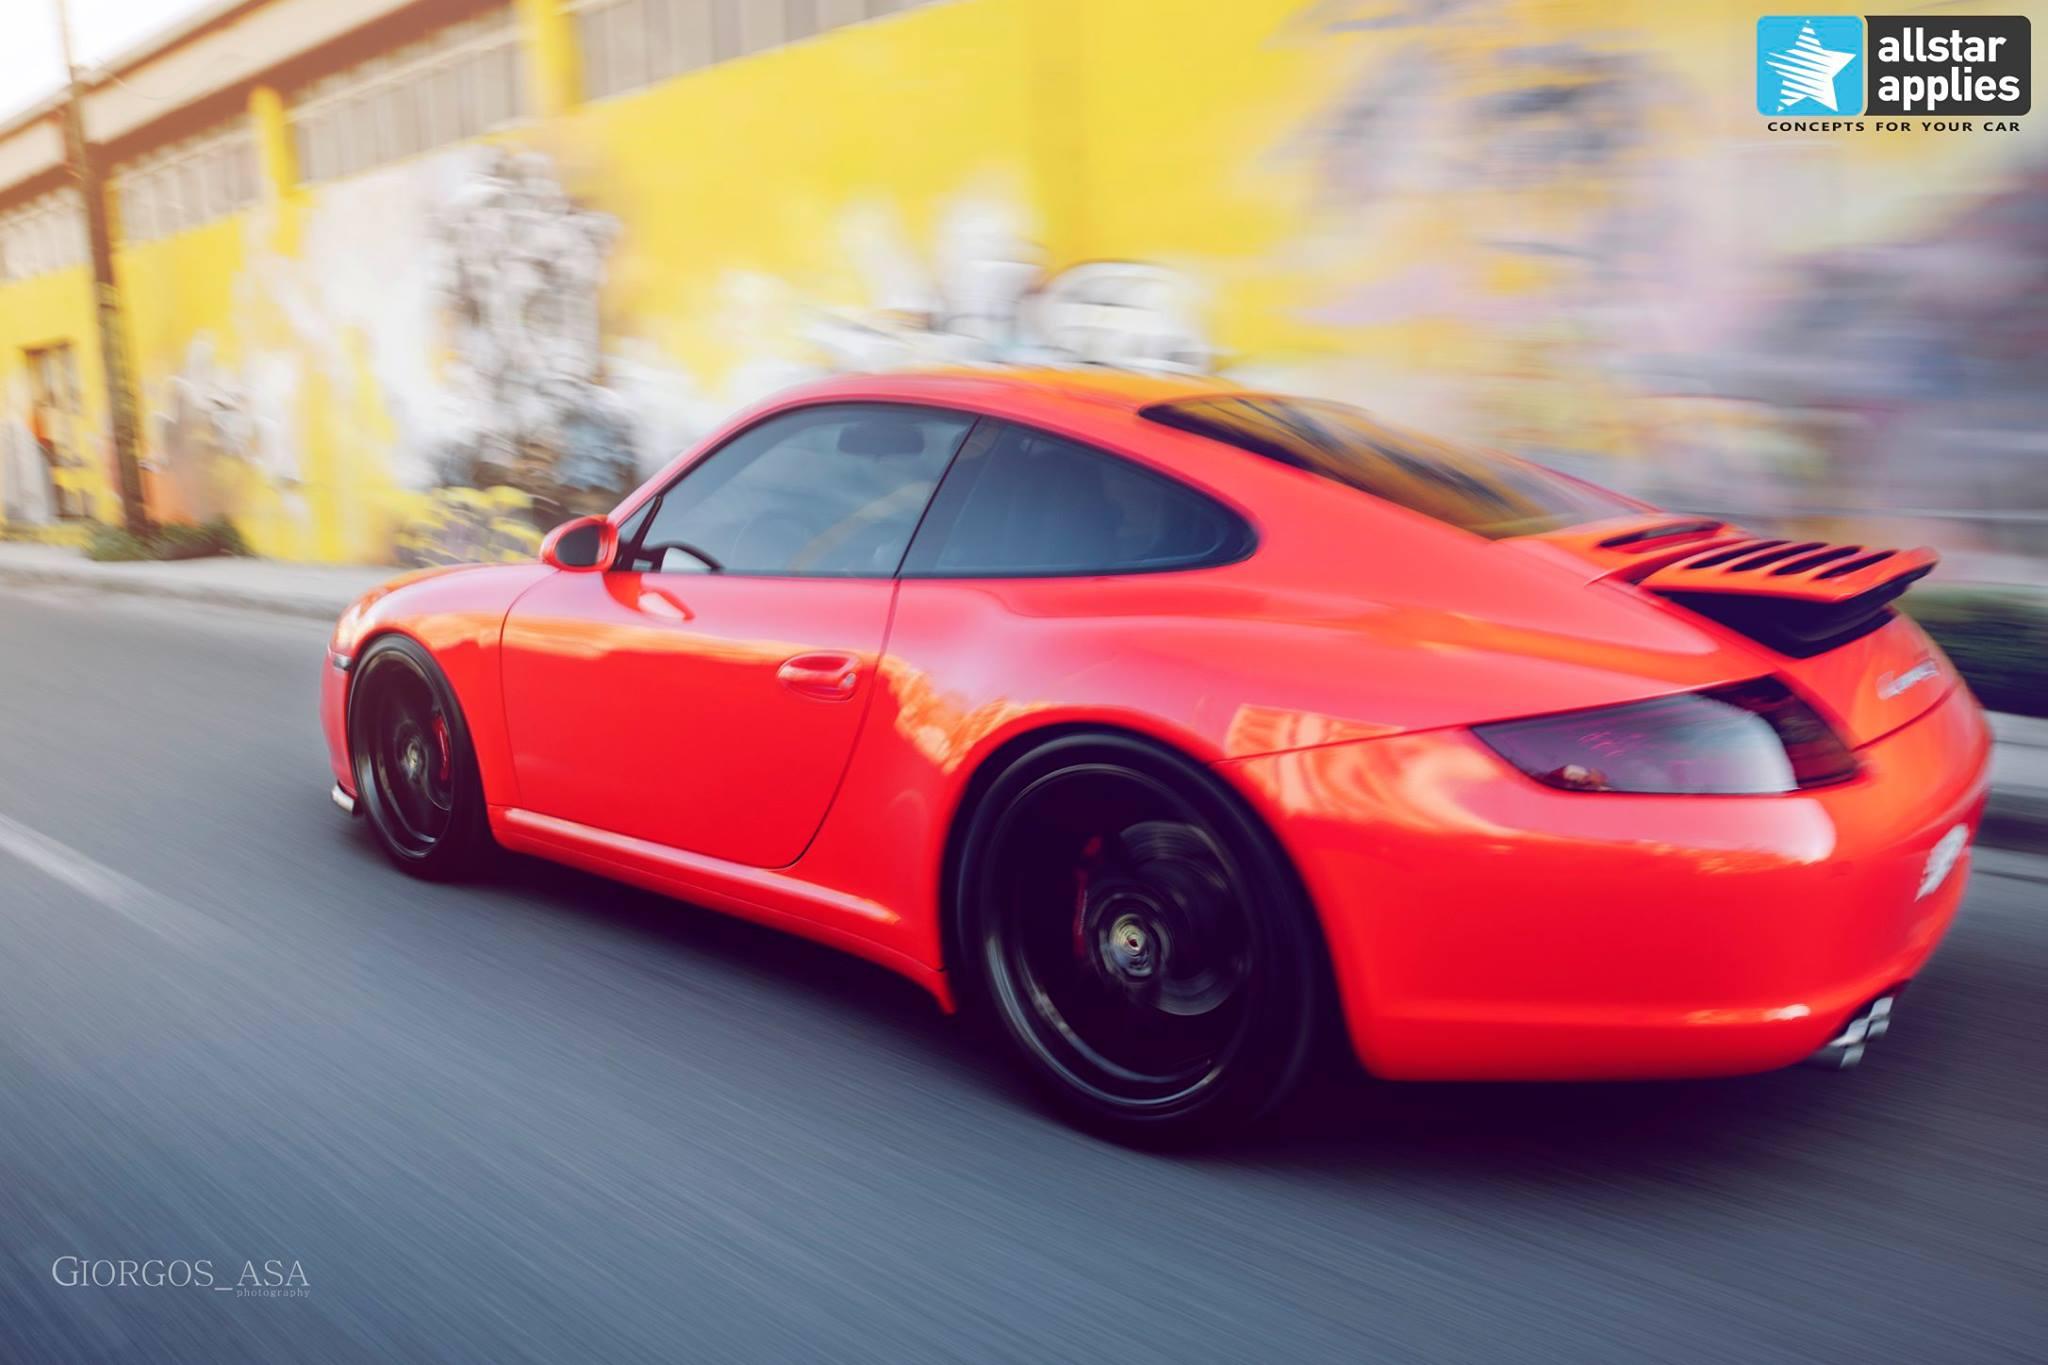 Porsche Carrera 4S - Redhot Gloss (21)